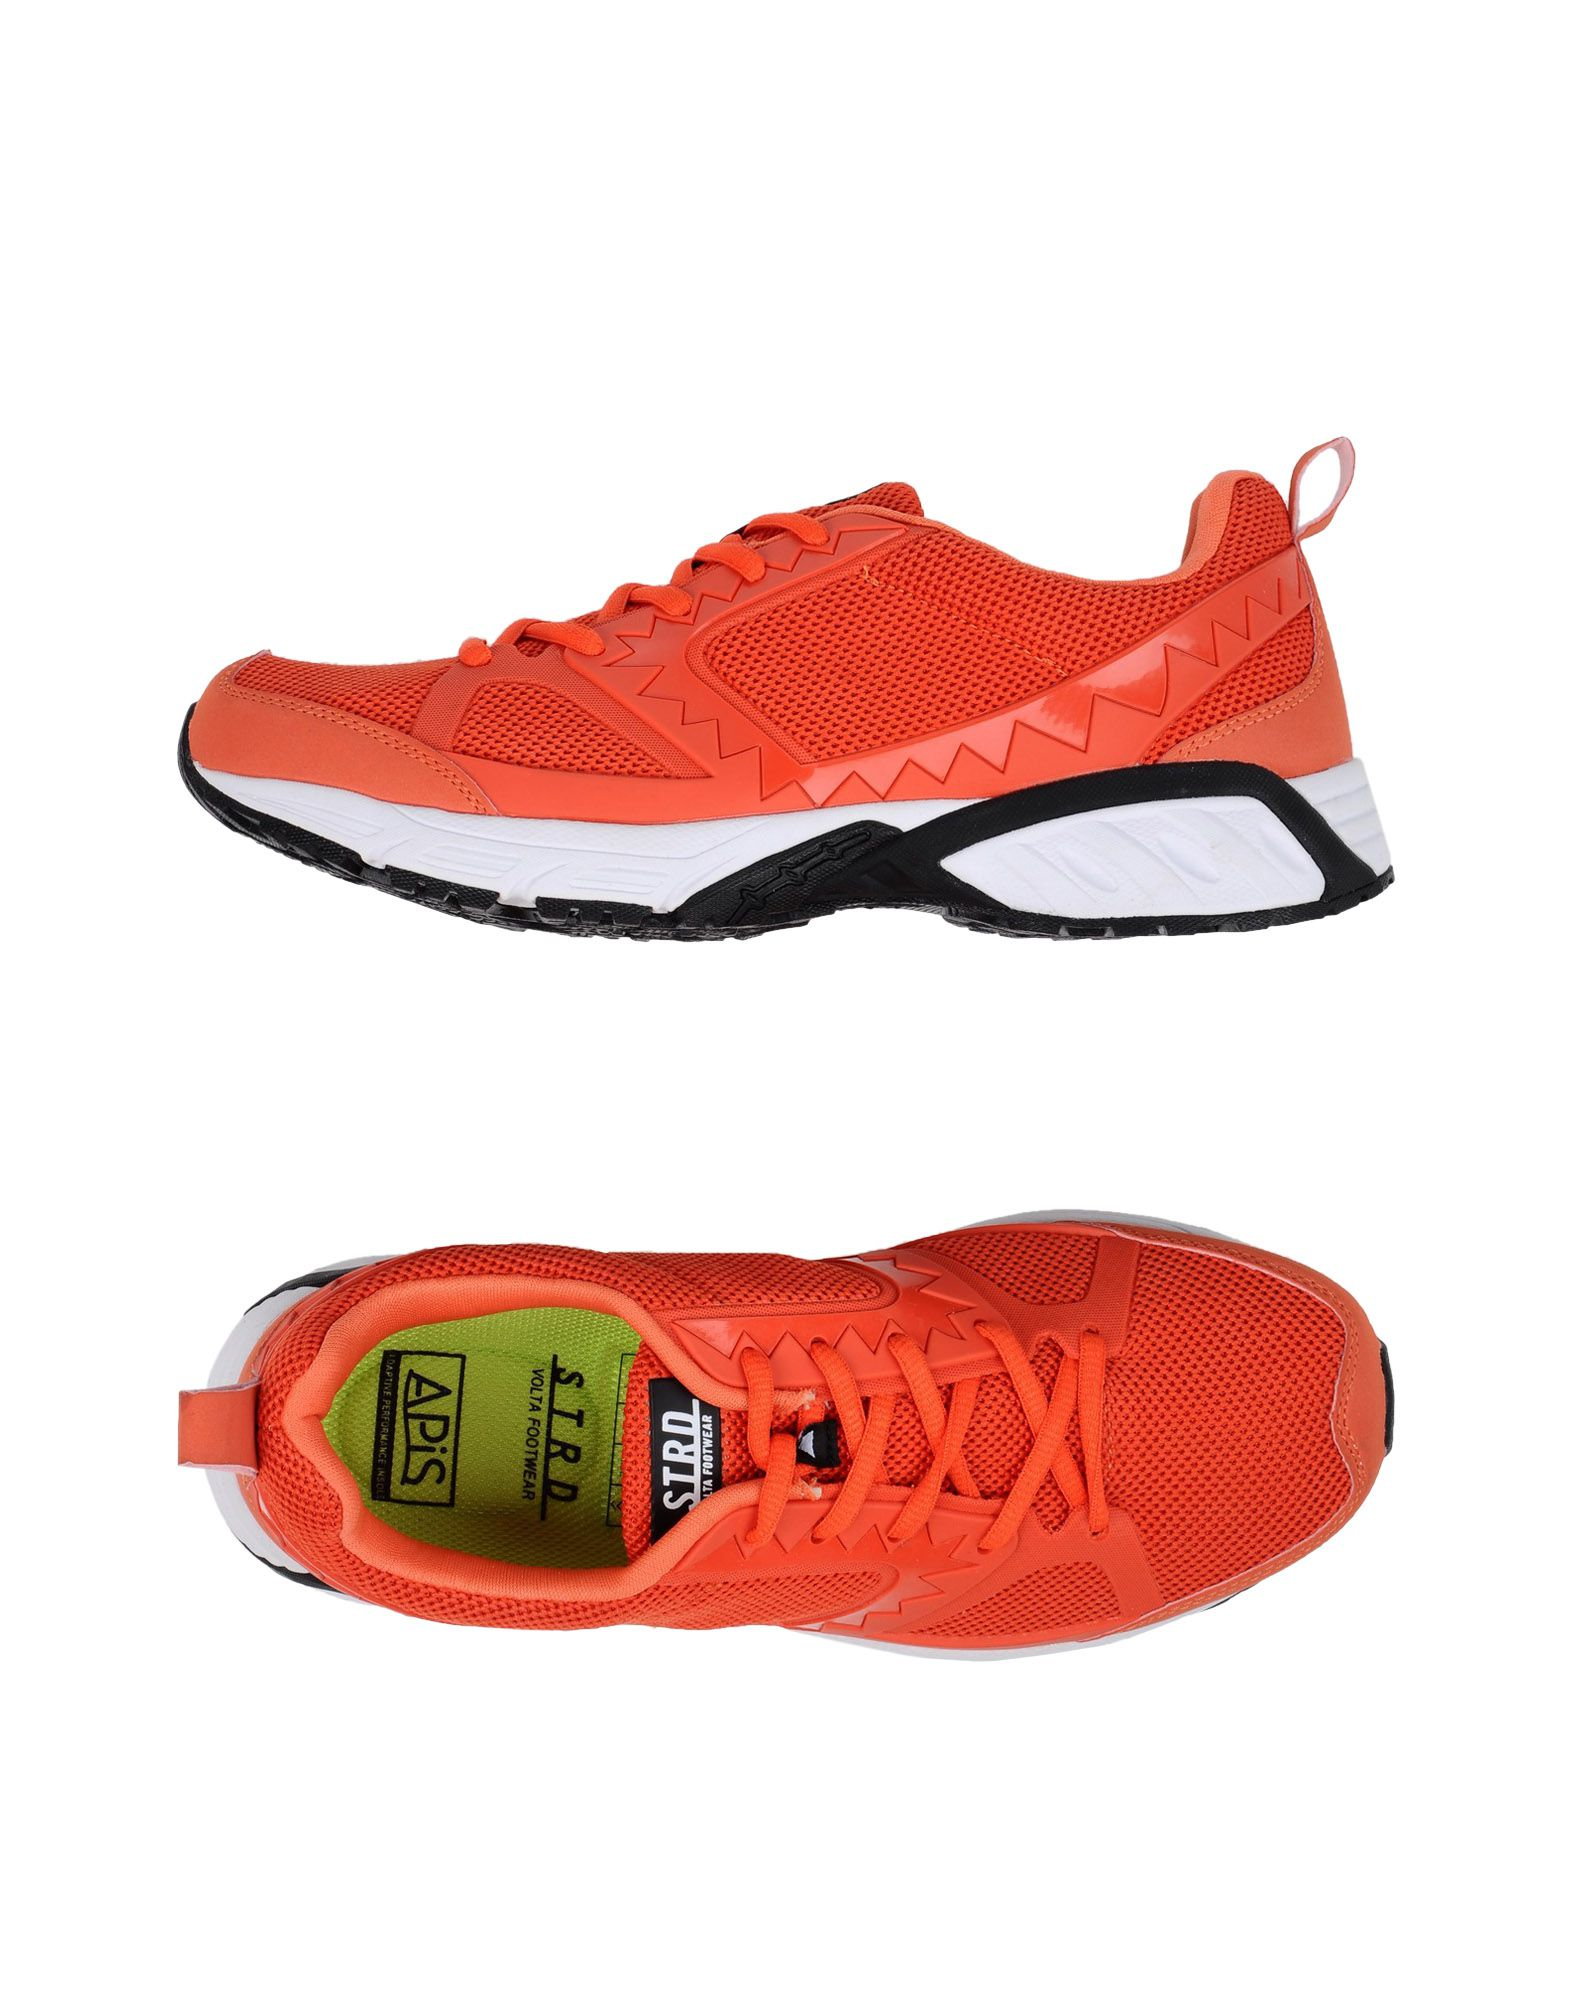 Sneakers Strd By Volta Footwear Femme - Sneakers Strd By Volta Footwear sur